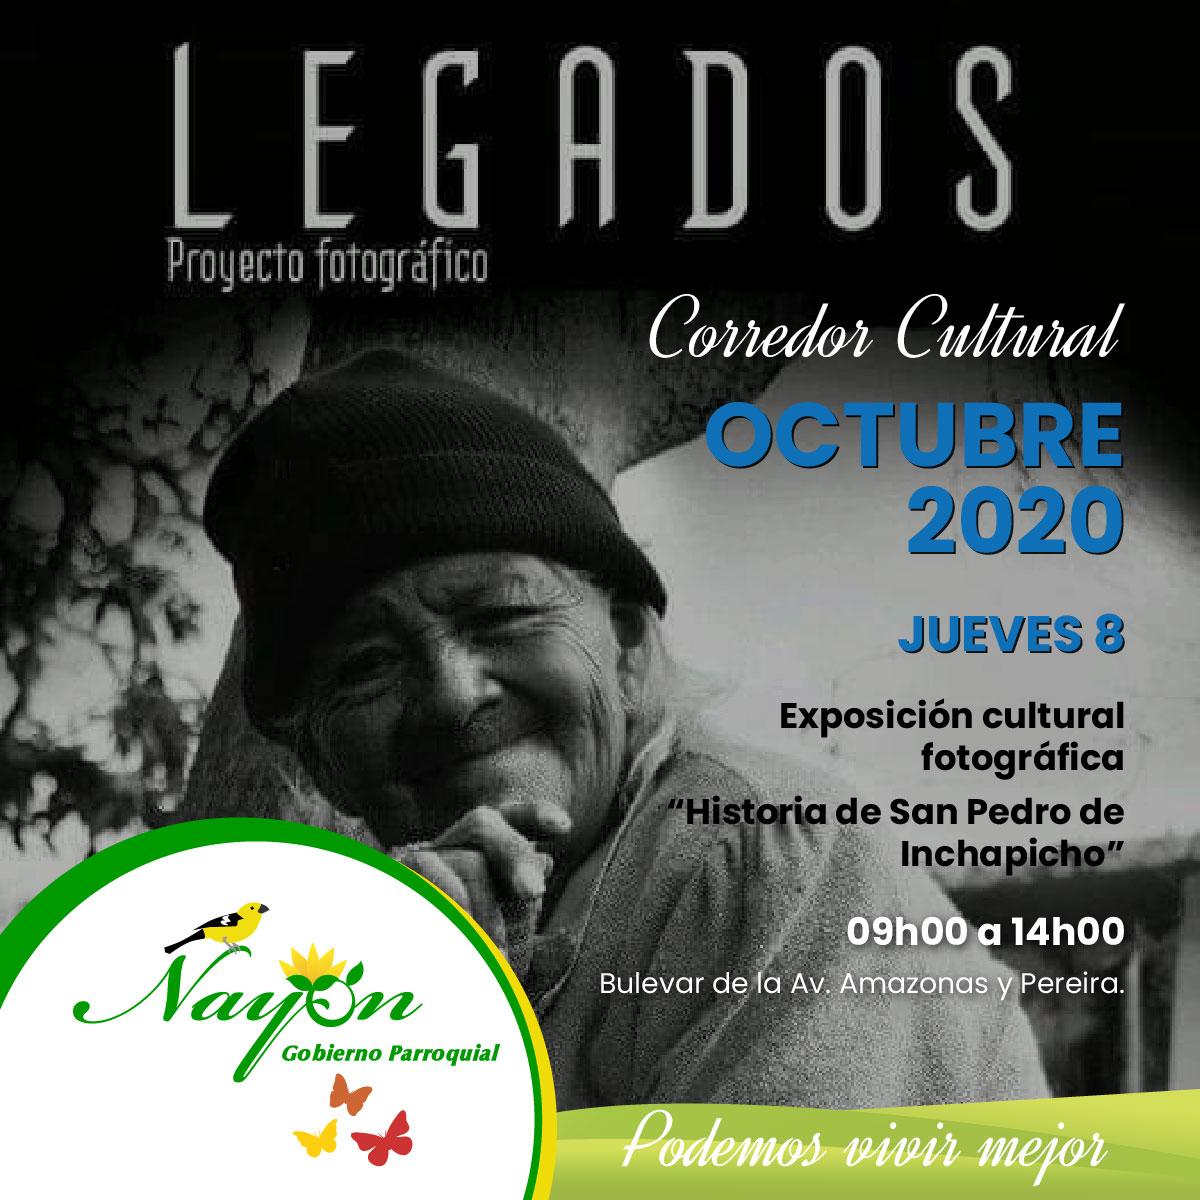 Exposición Fotográfica de la Historia del Barrio San Pedro de Inchapicho